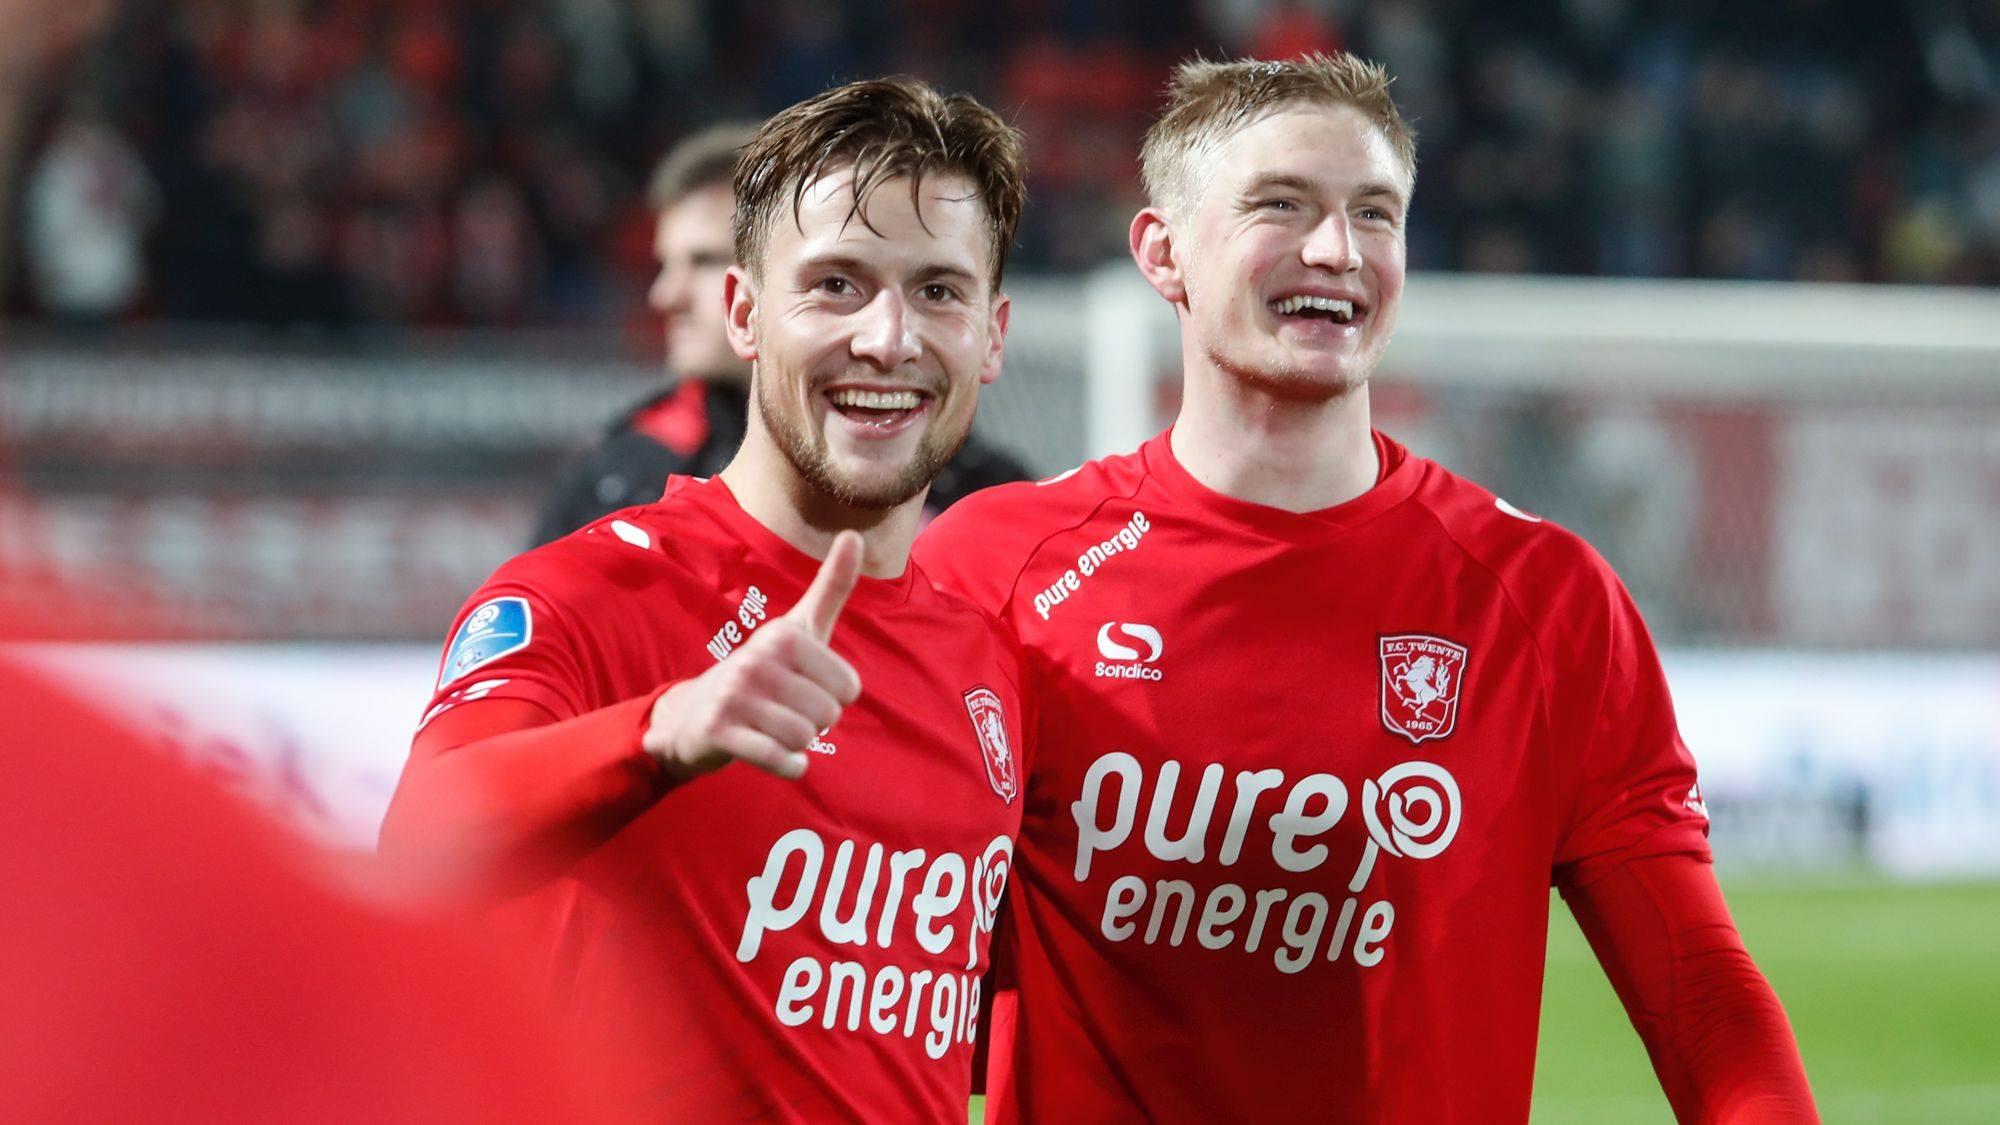 Eerste Divisie, Twente-FC Oss 8 settembre: analisi e pronostico della giornata della seconda divisione calcistica olandese